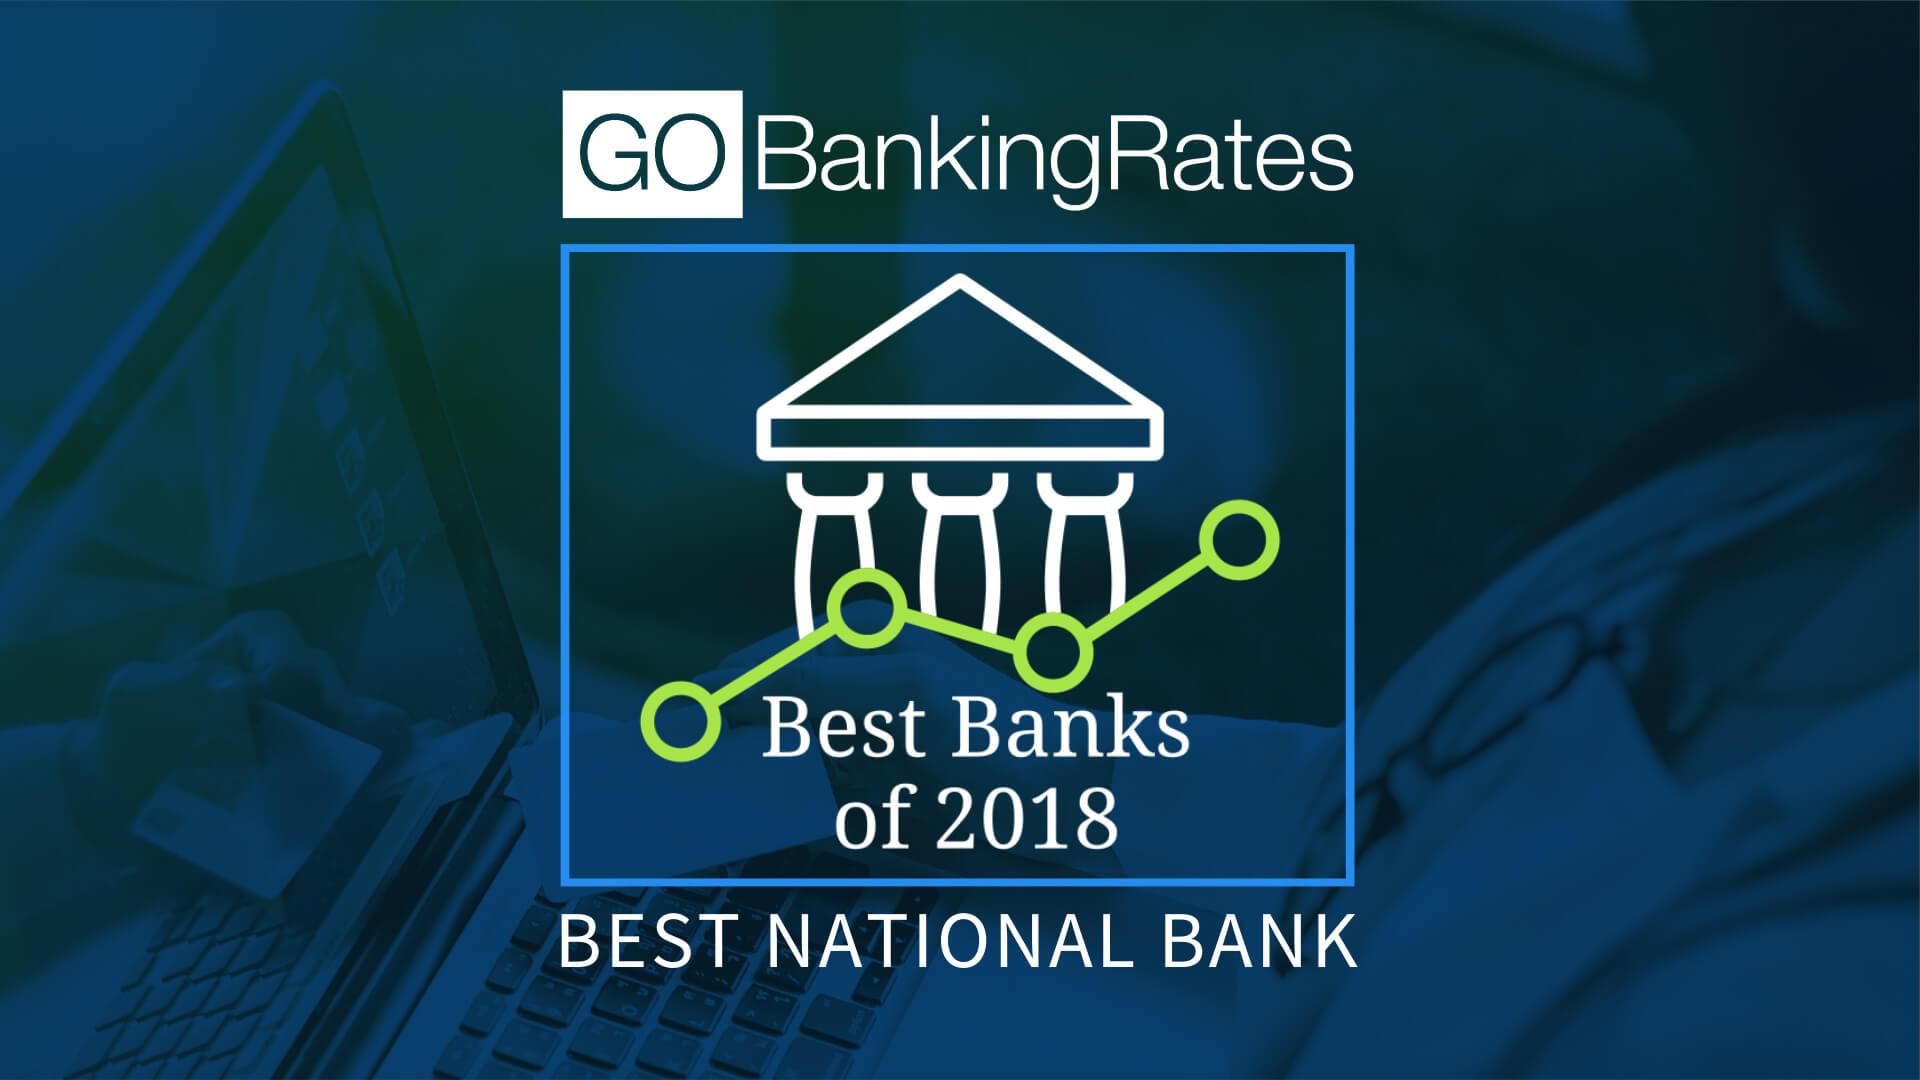 Best National Bank Of 2018 Td Bank Gobankingrates